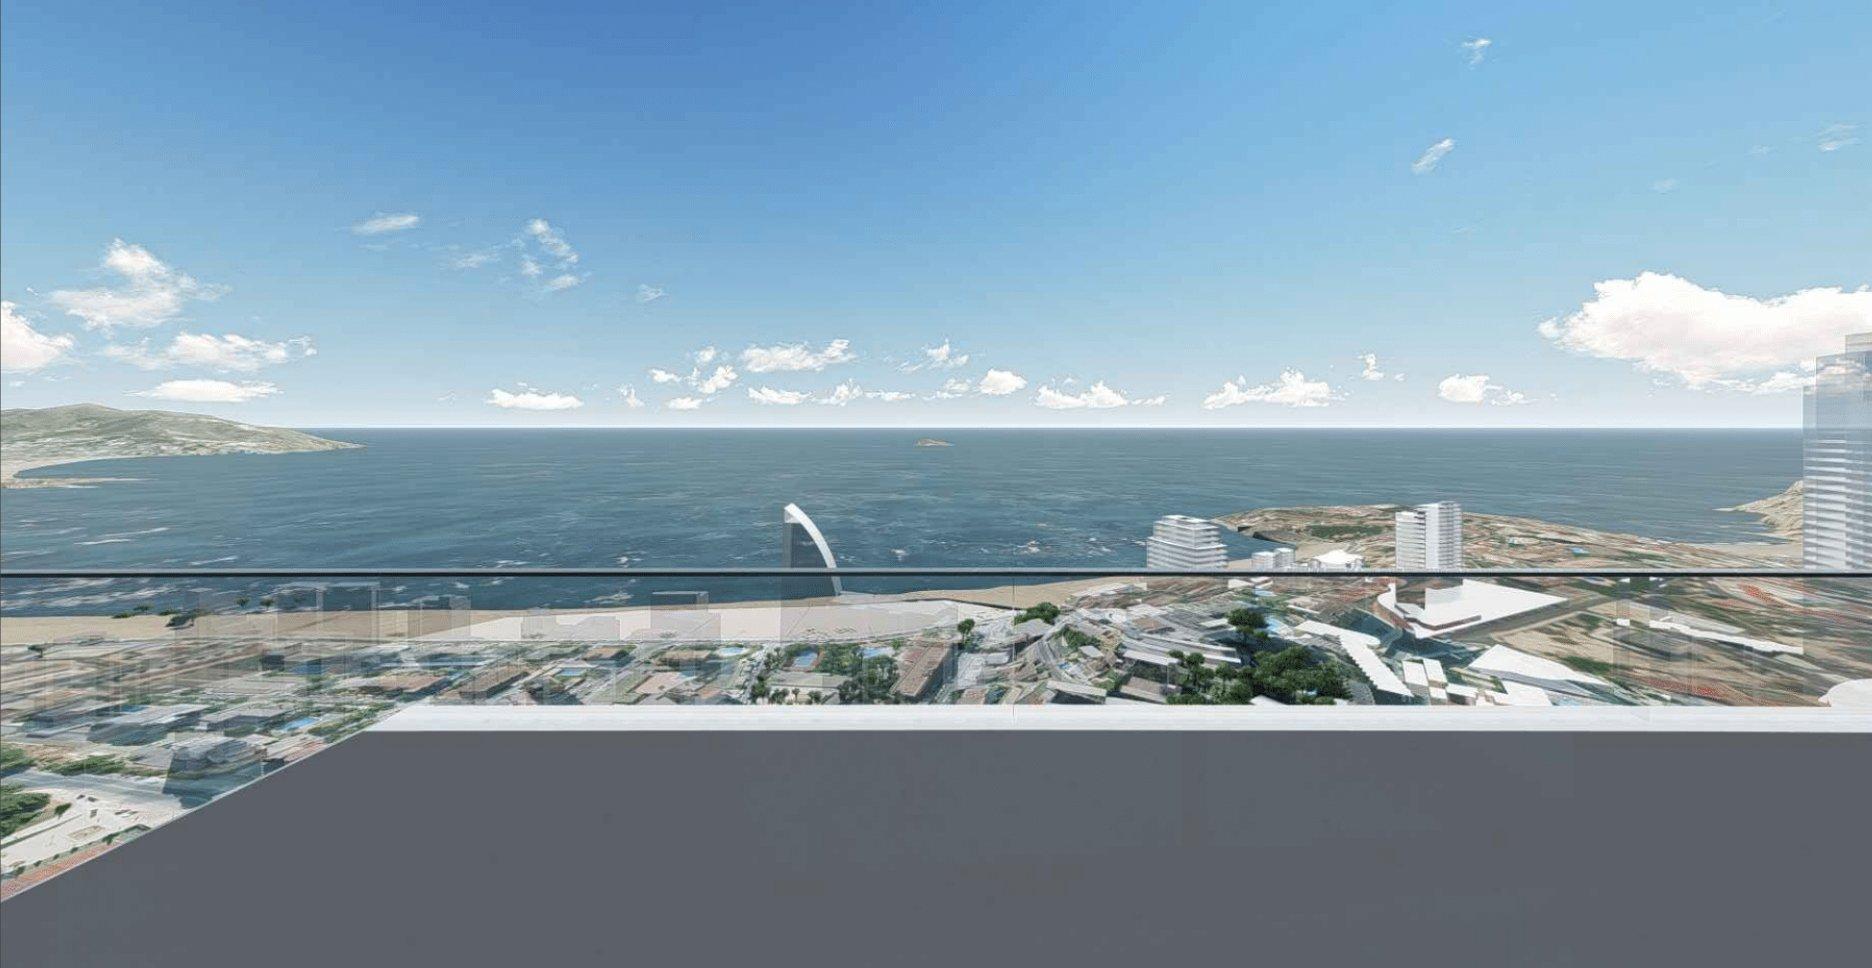 Prachtig uitzicht op zee appartementen op slechts een paar meter van het strand